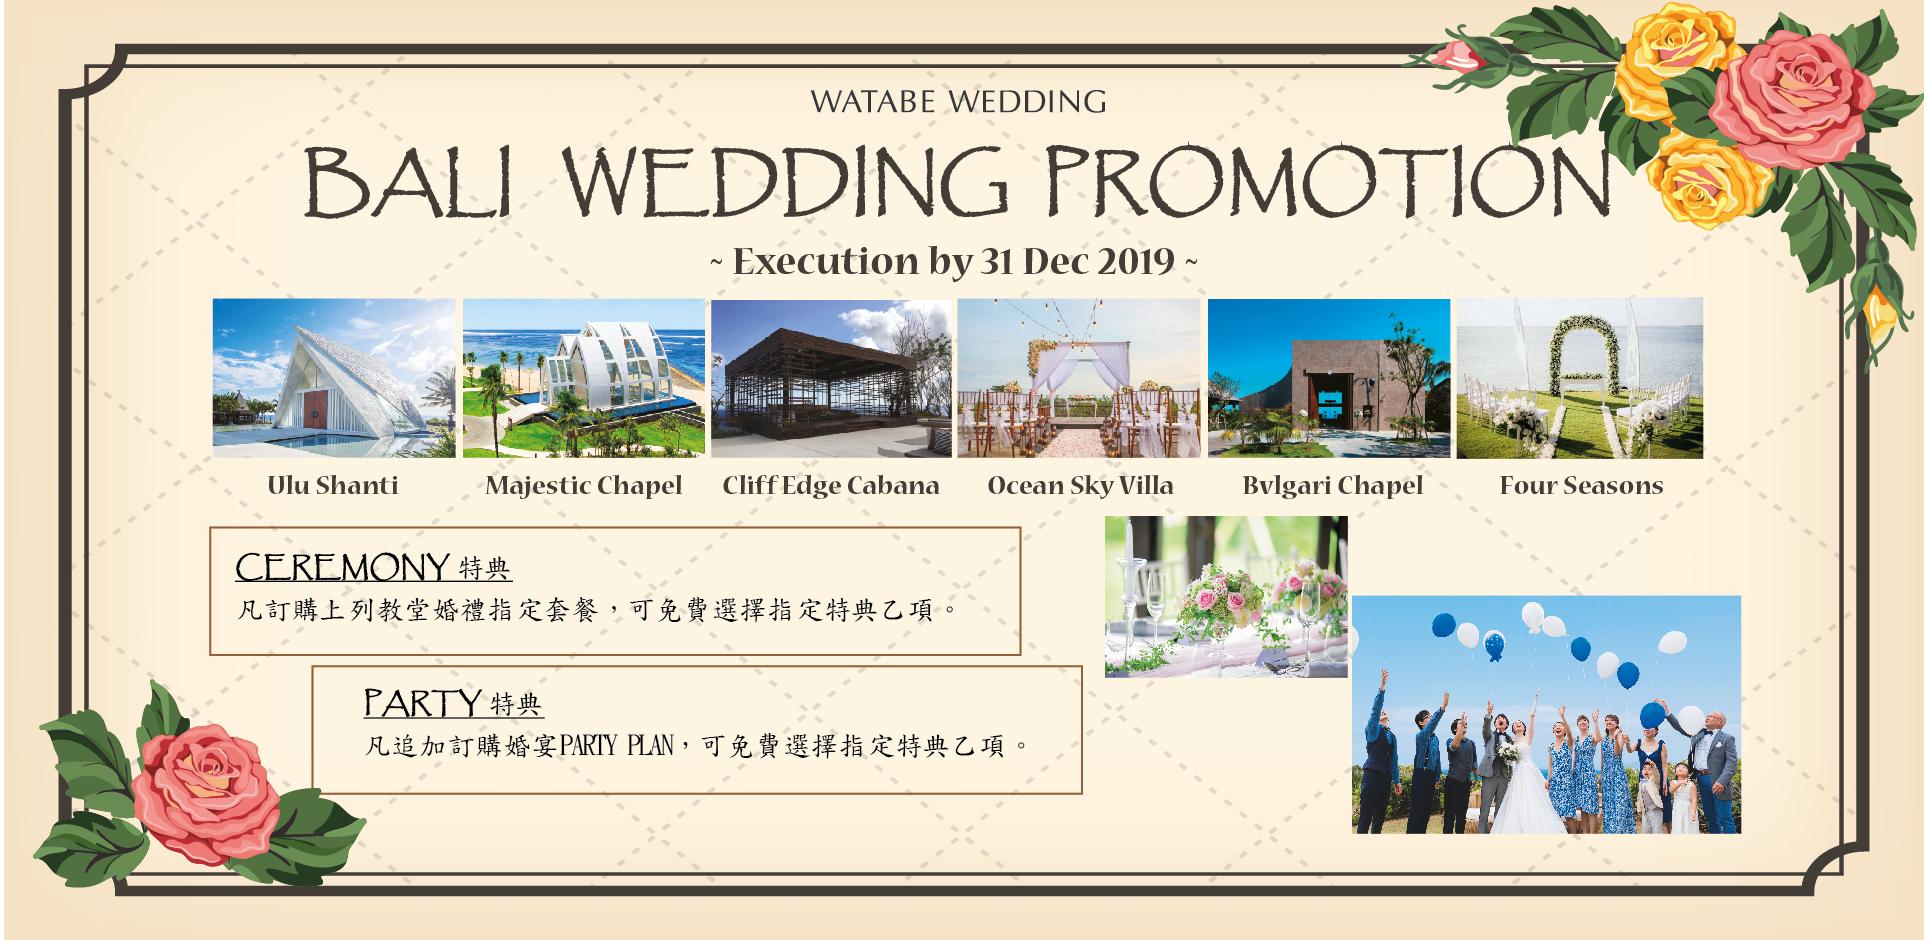 期間限定:峇里婚禮套餐推廣優惠